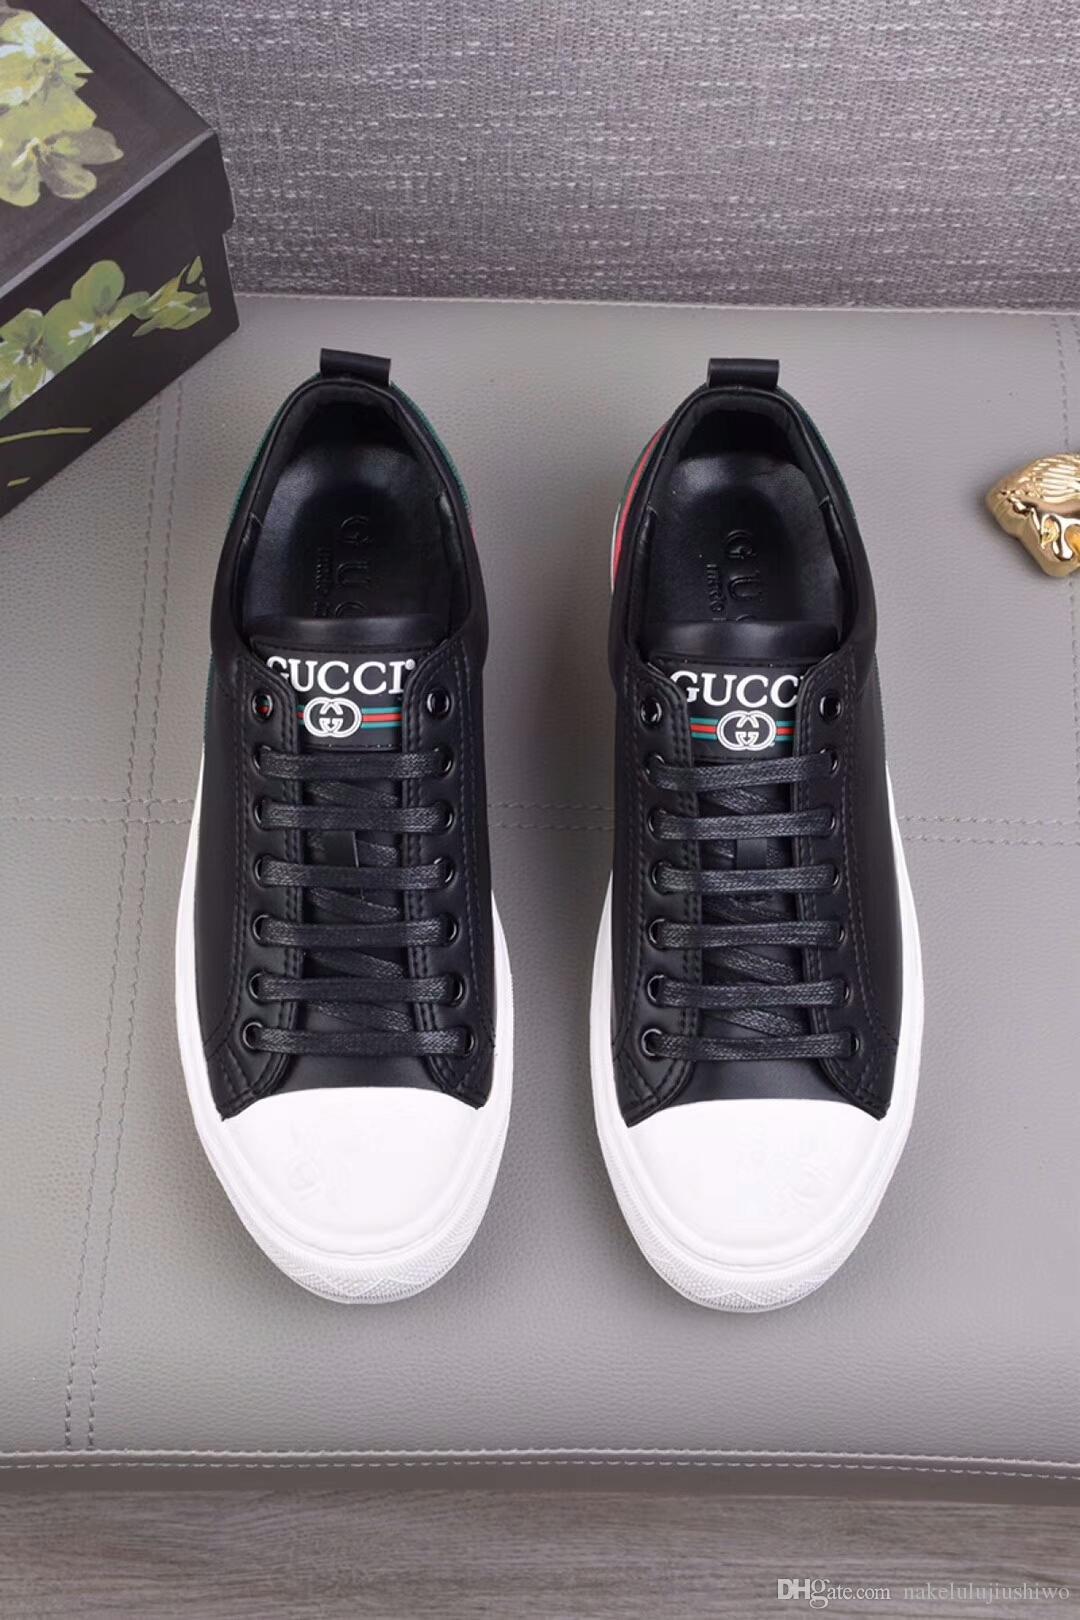 Высокое Качество Дизайнер Повседневная Обувь Из Натуральной Кожи Кроссовки Роскошные Мужские Женщины Модный Тренер Белая Кожа Туфли На Платформе Плоские Chaussure 7-48